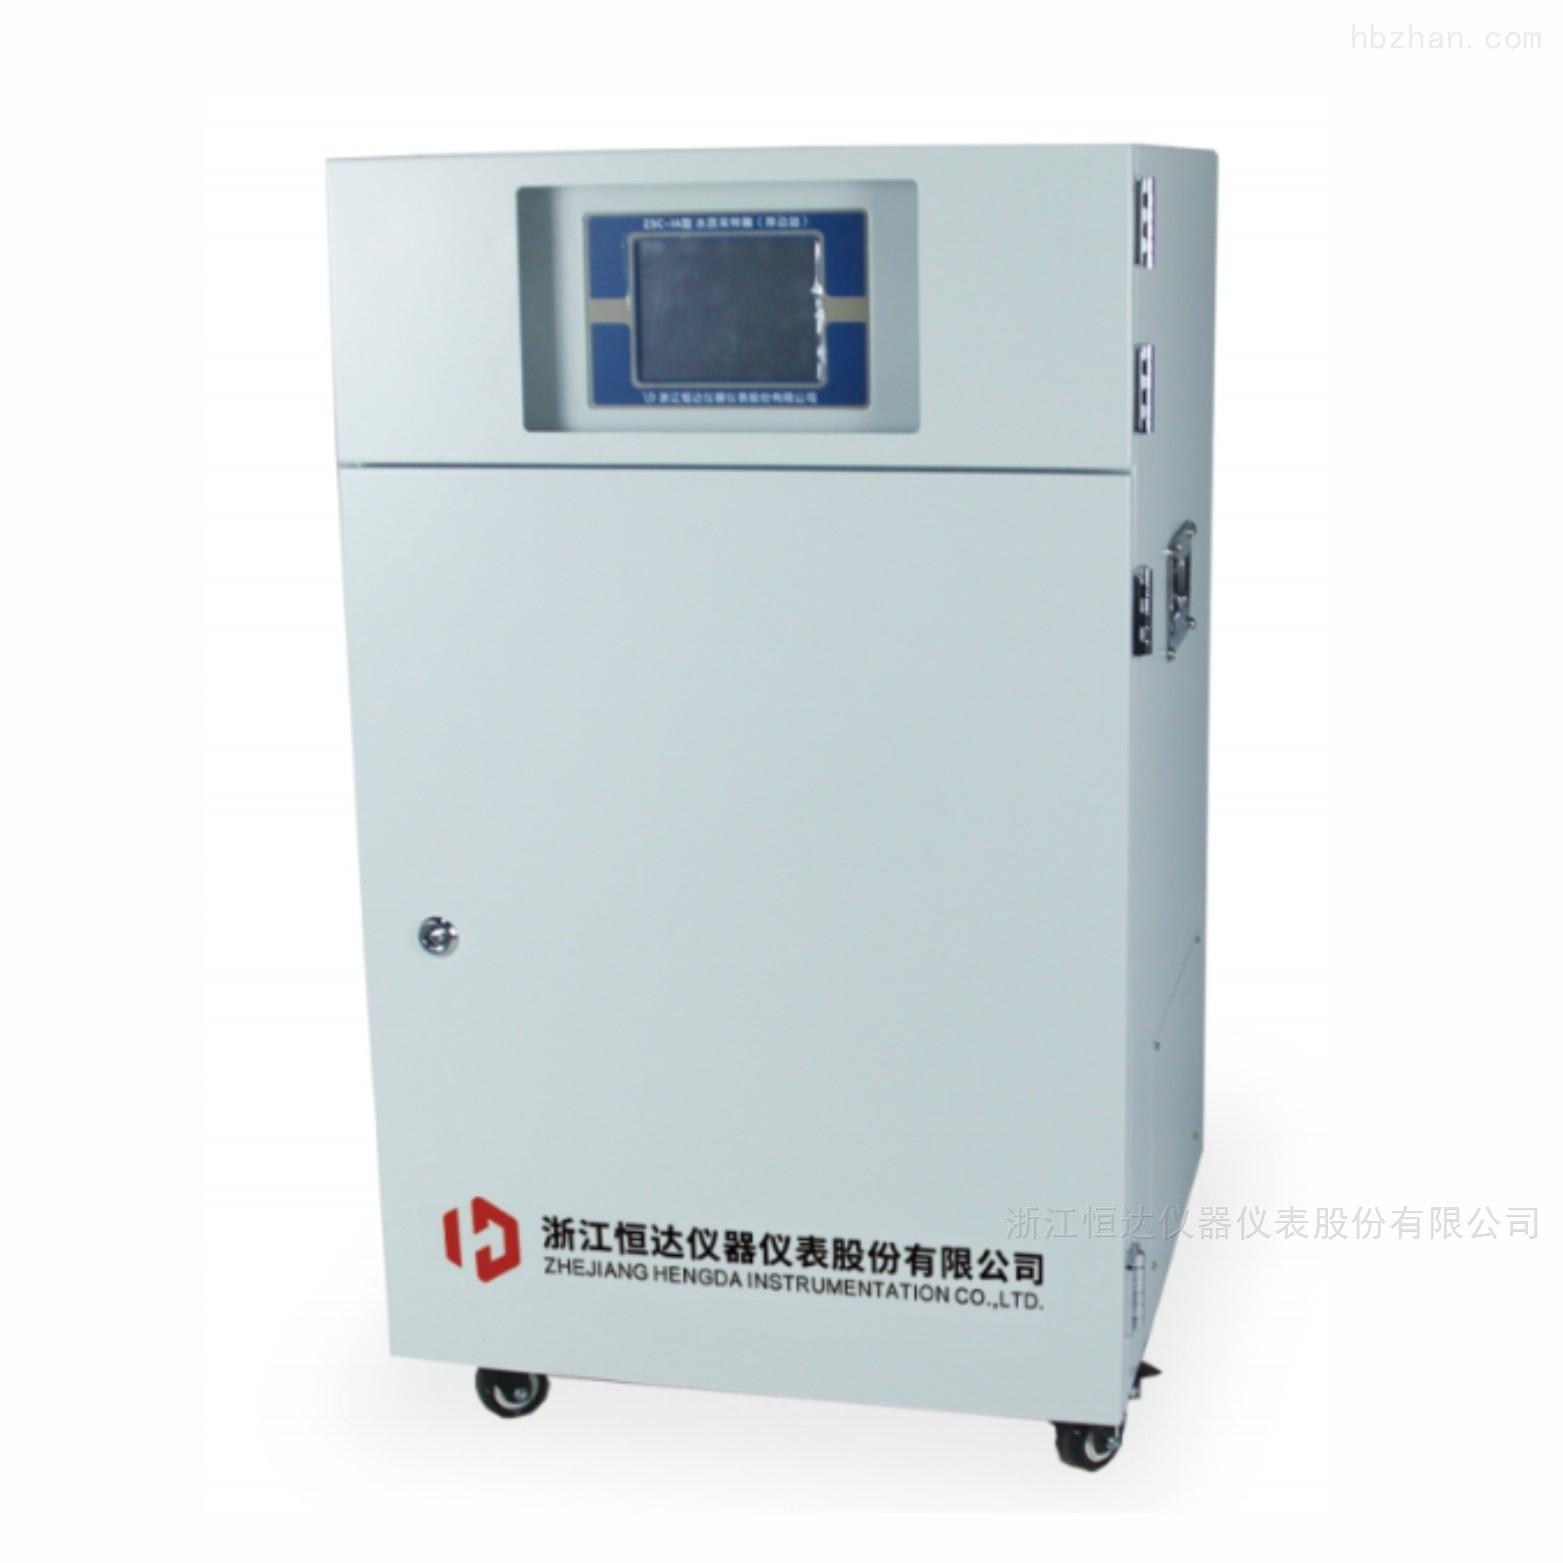 ZSC-IA型水质采样器(岸边站)